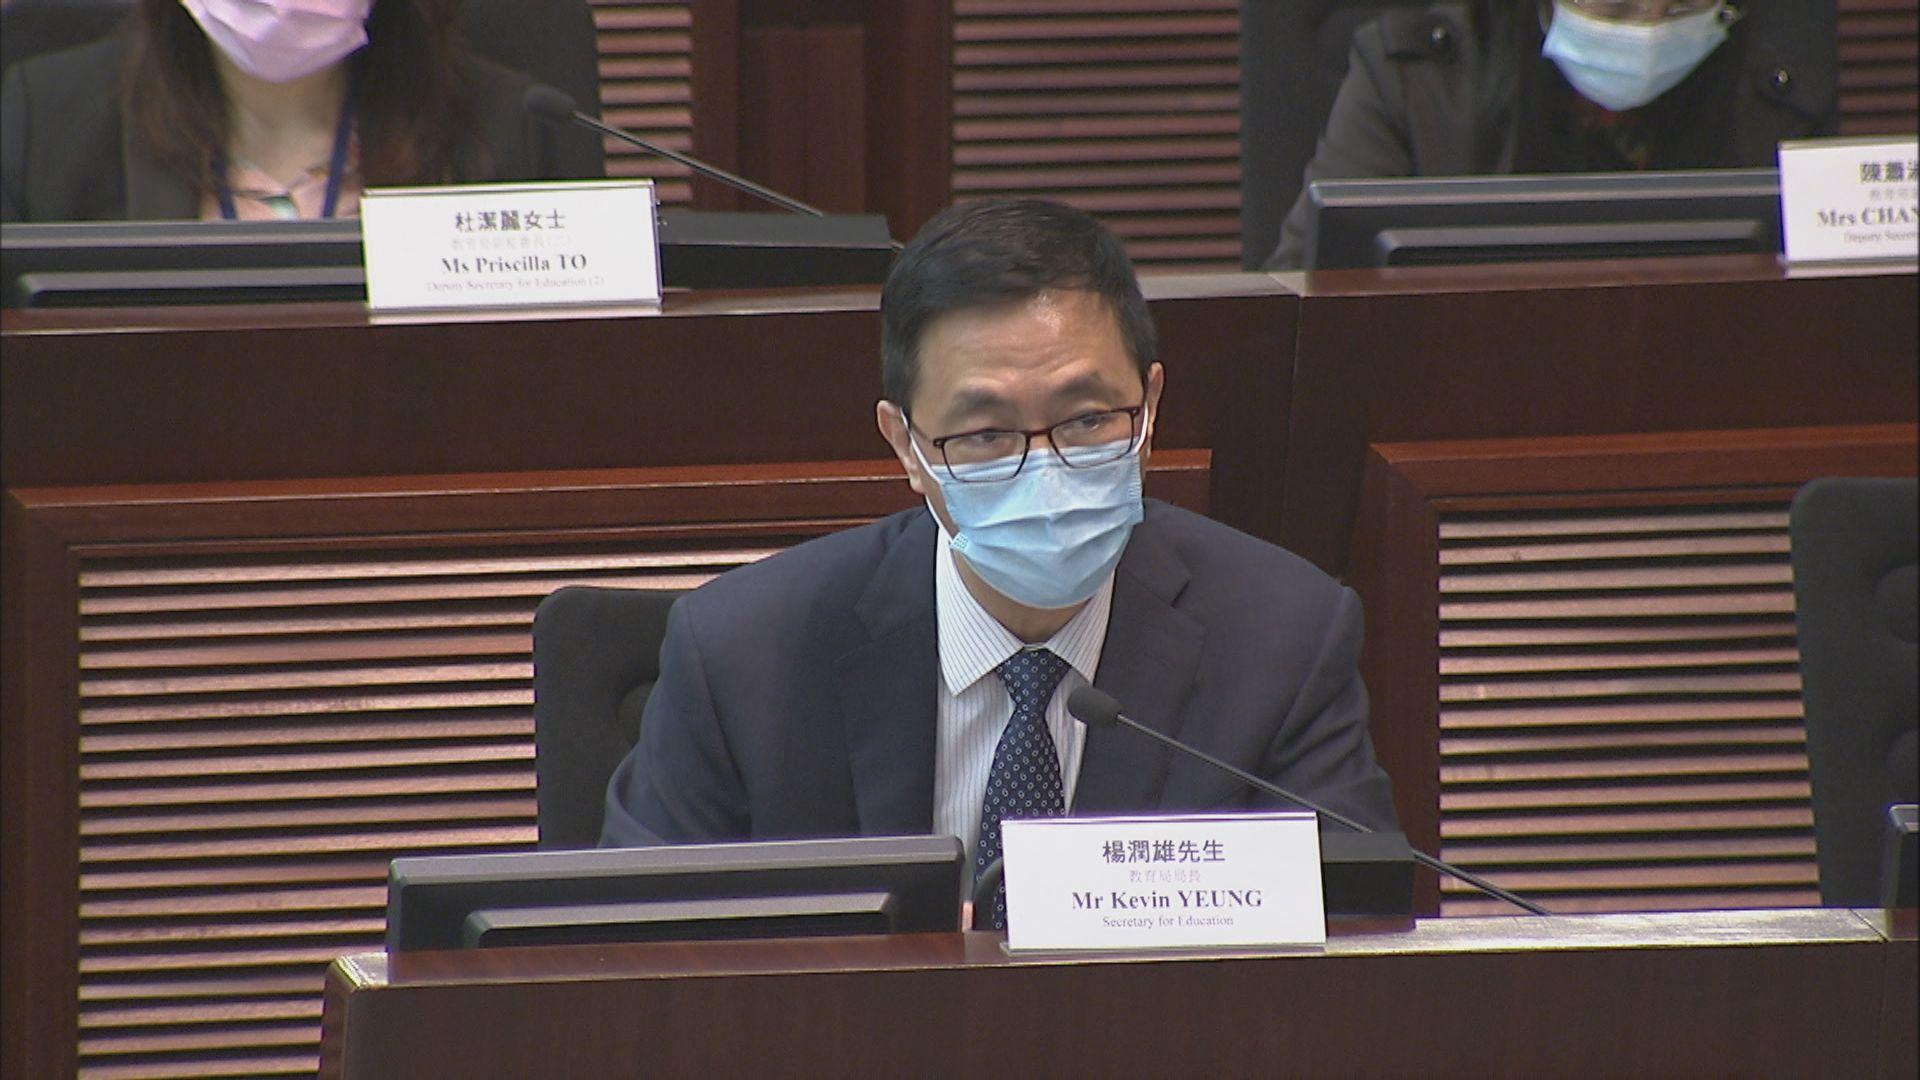 楊潤雄:通識改革後增視學探訪 學校須監察教師教材